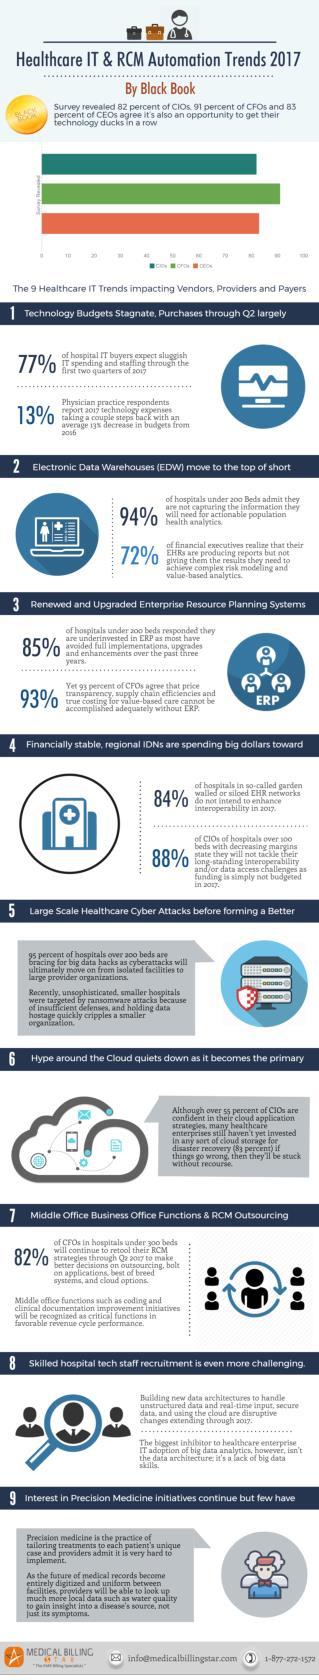 Healthcare IT Trends 2017